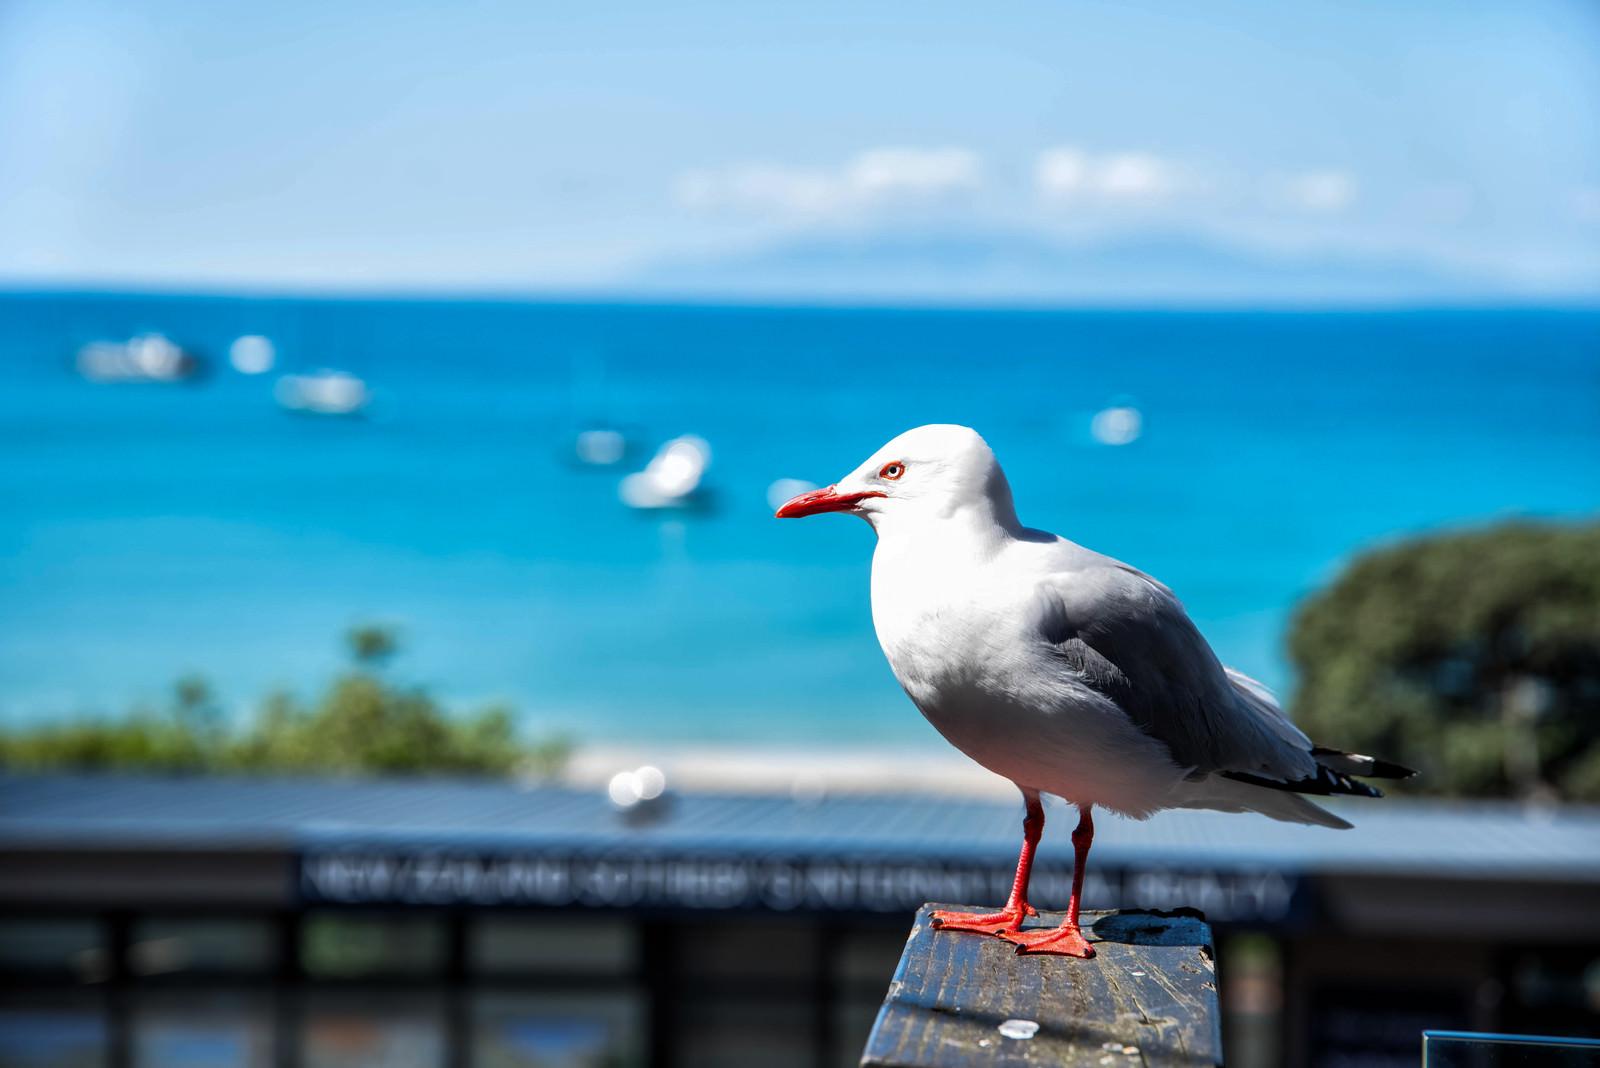 「ニュージーランドの海岸沿いの風景と海鳥」の写真